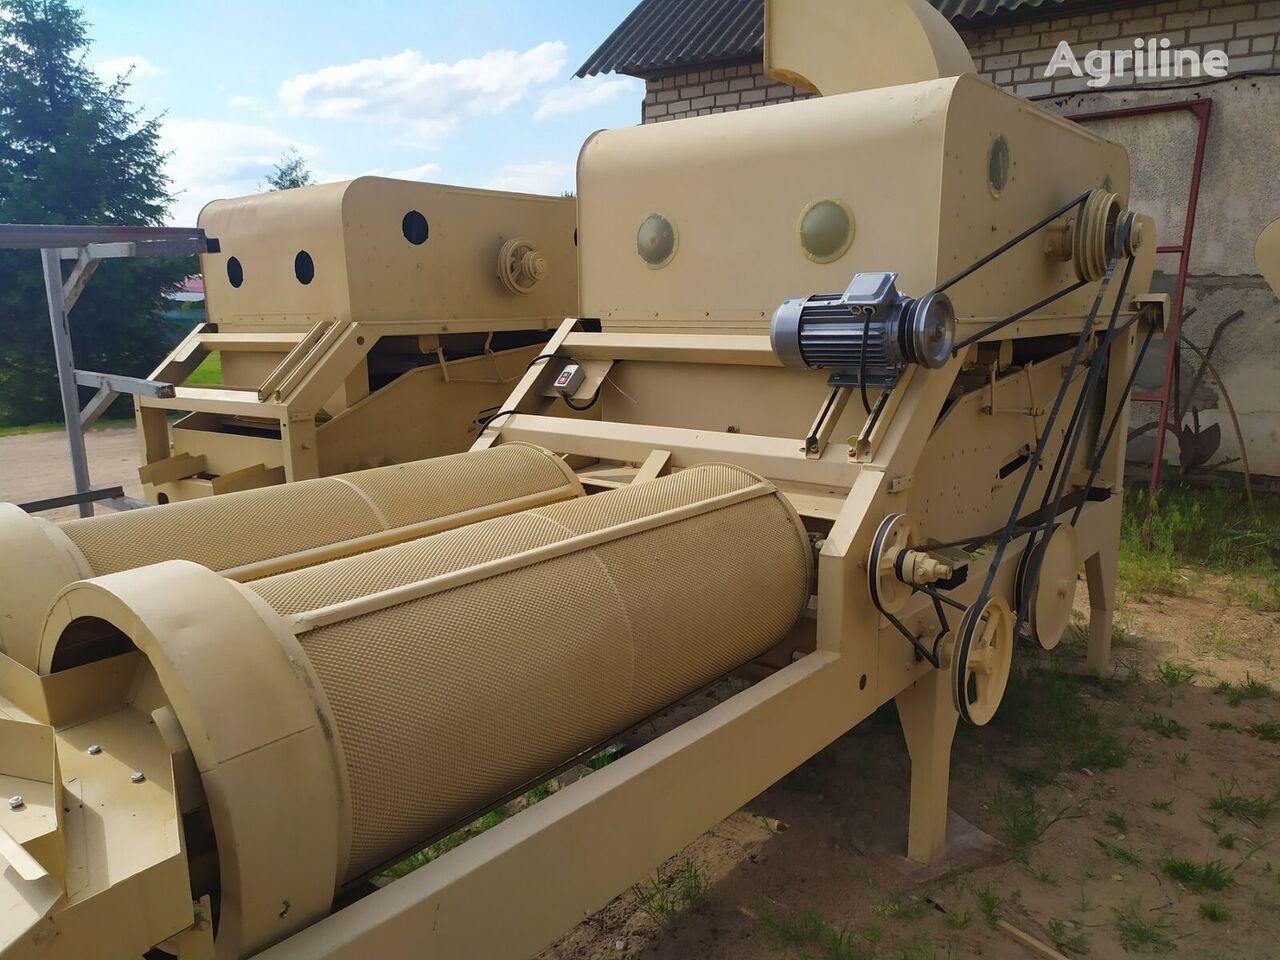 PETKUS K-531 Gigant grain cleaner